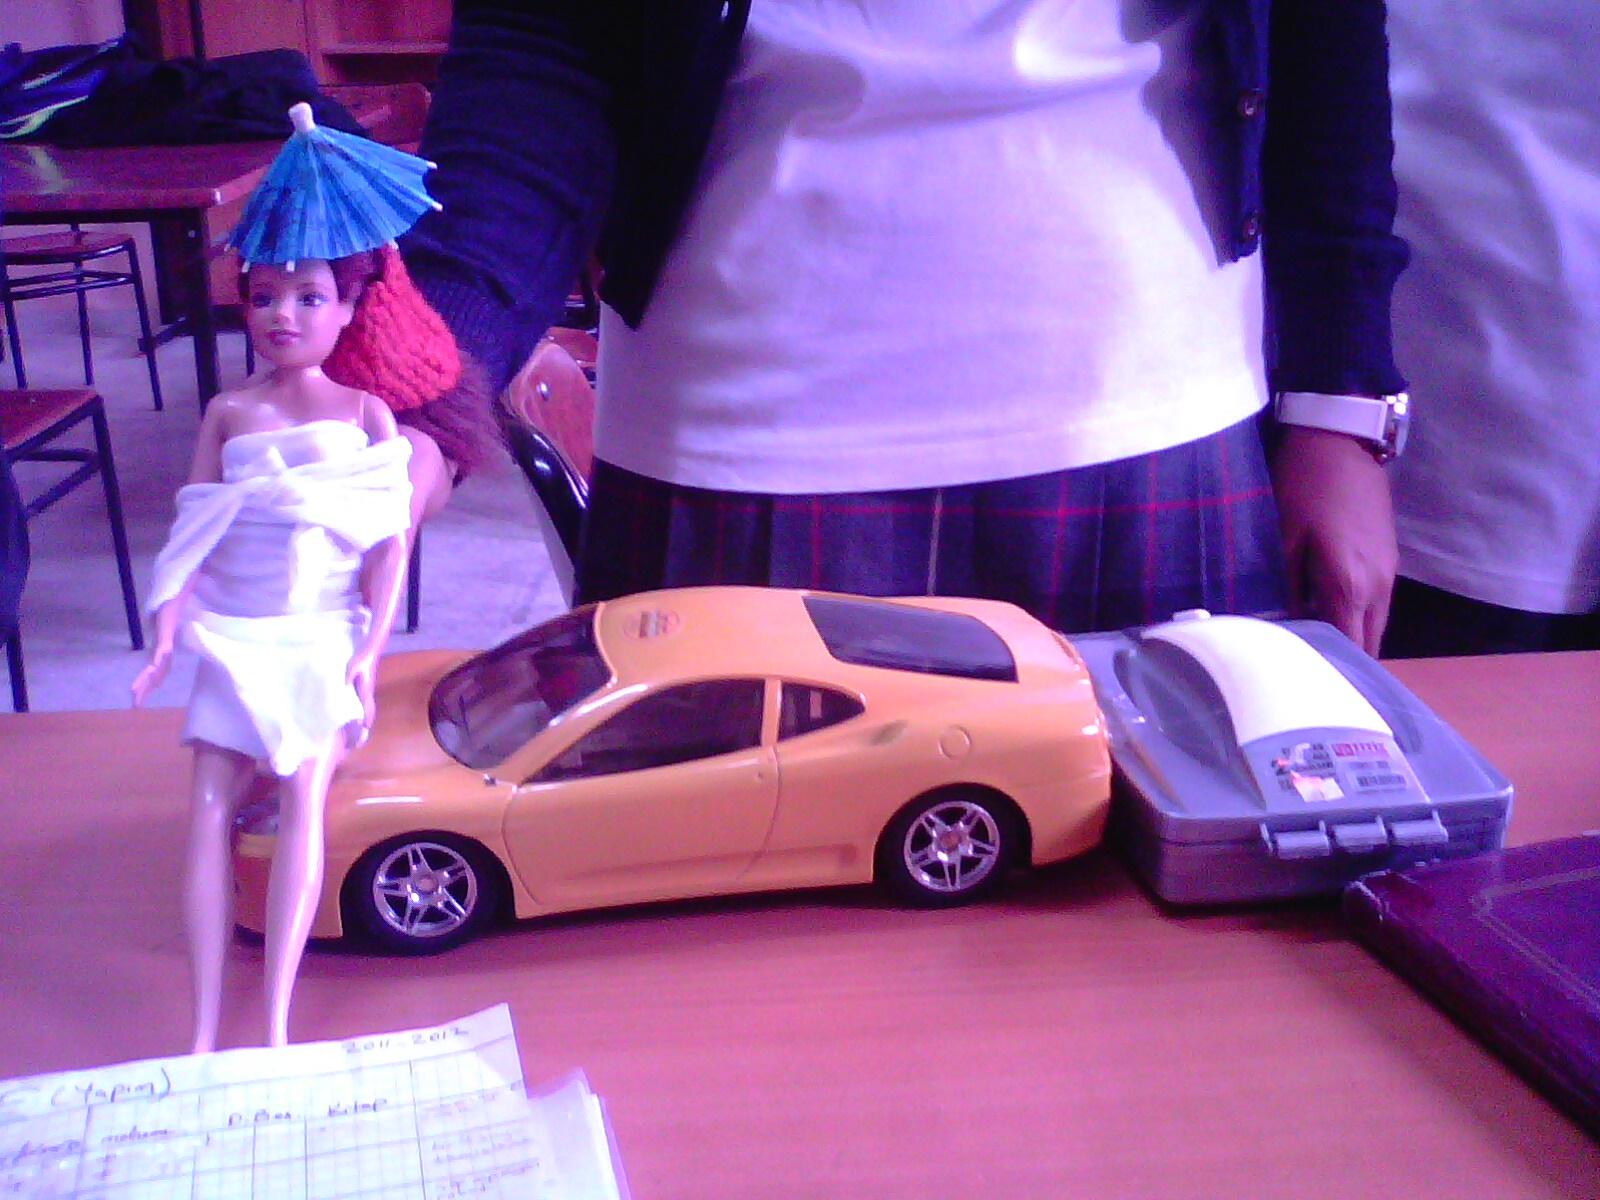 Emre oyuncak arabanın arkasına süpürge monte etti